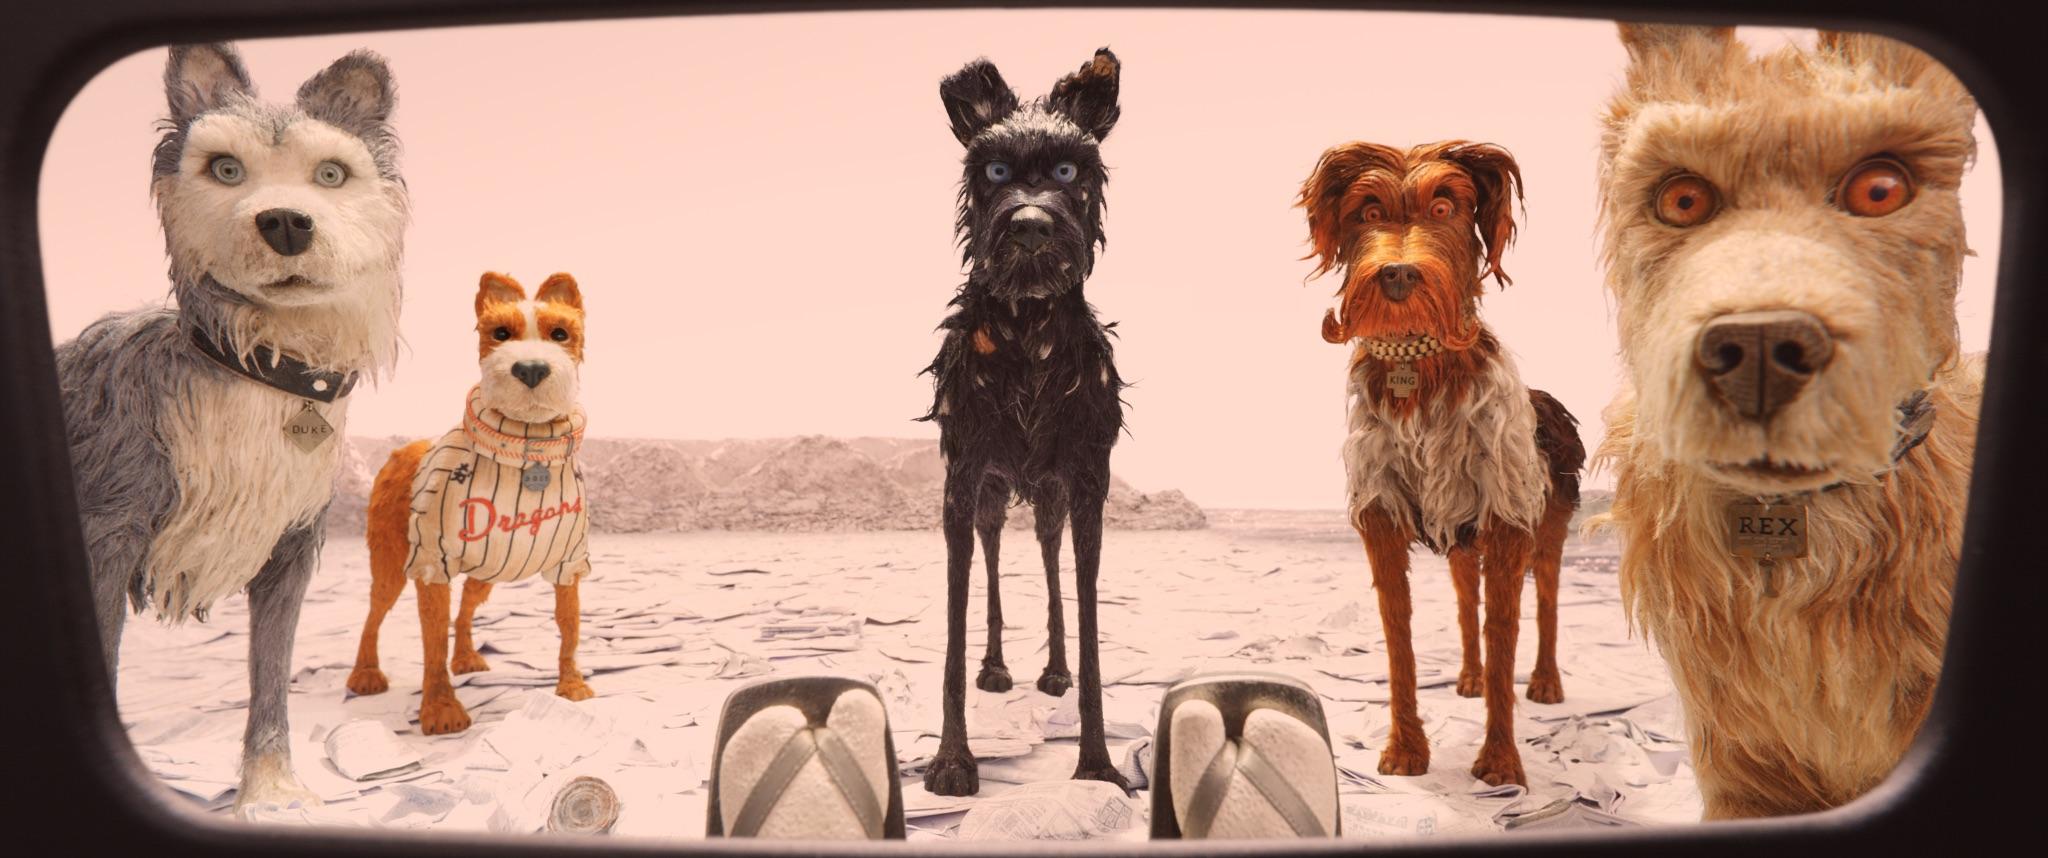 szmk_isle_of_dogs_kutyak_szigete_wes_anderson.jpg